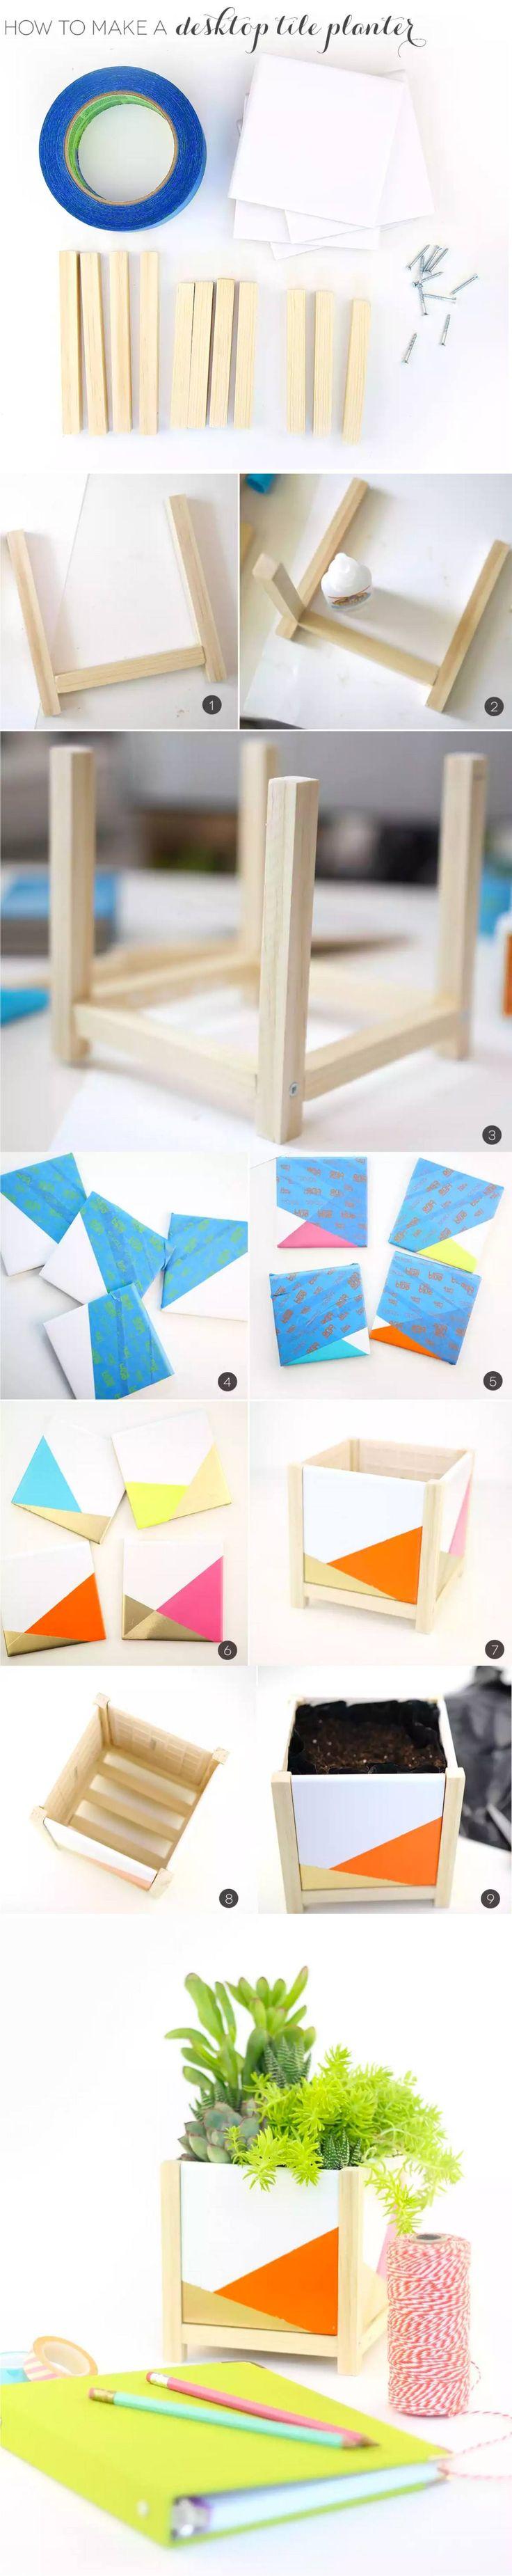 DIY Modern Desktop Tile Planter - damasklove.com - Maceta de escritorio con cerámica pintada